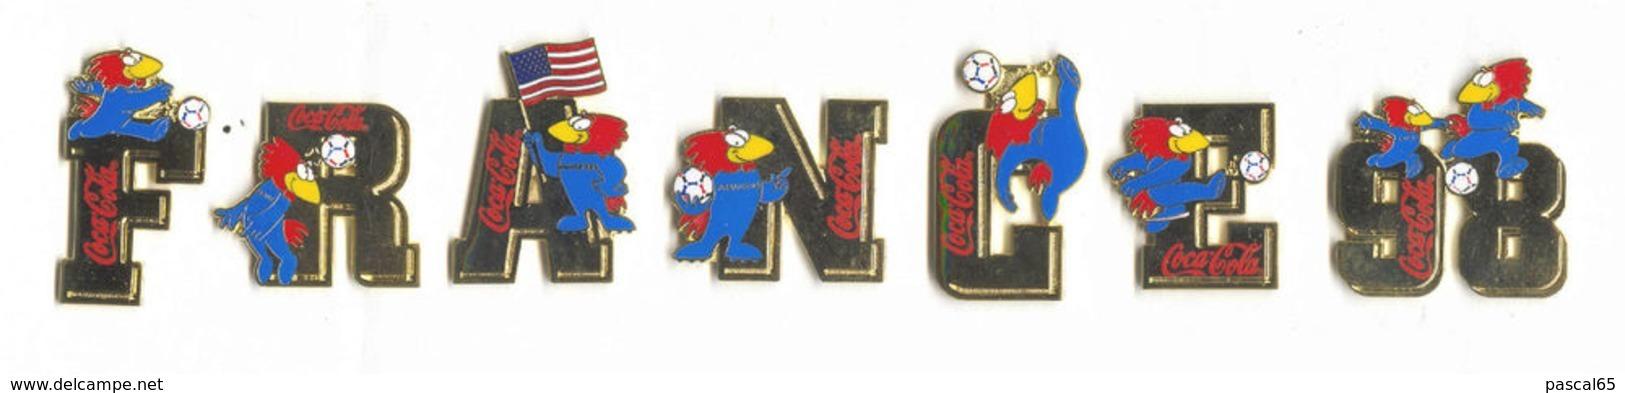 7 Original 1998 FIFA Soccer/Football WORLD CUP COCA-COLA FRANCE 98 PIN SET FOOTIX MASCOT - Fussball